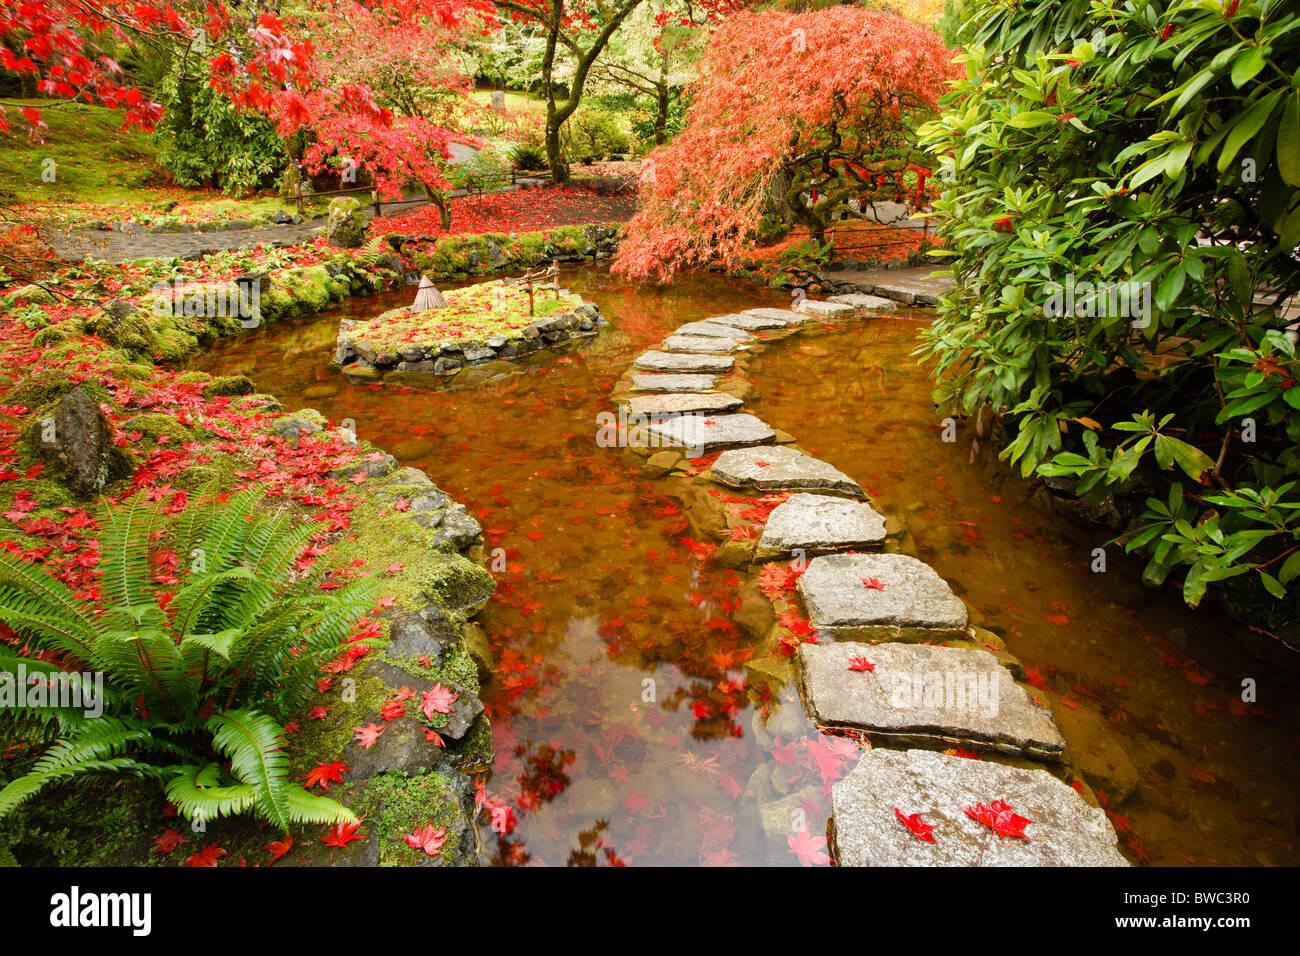 autumn at butchart gardens stock photos u0026 autumn at butchart